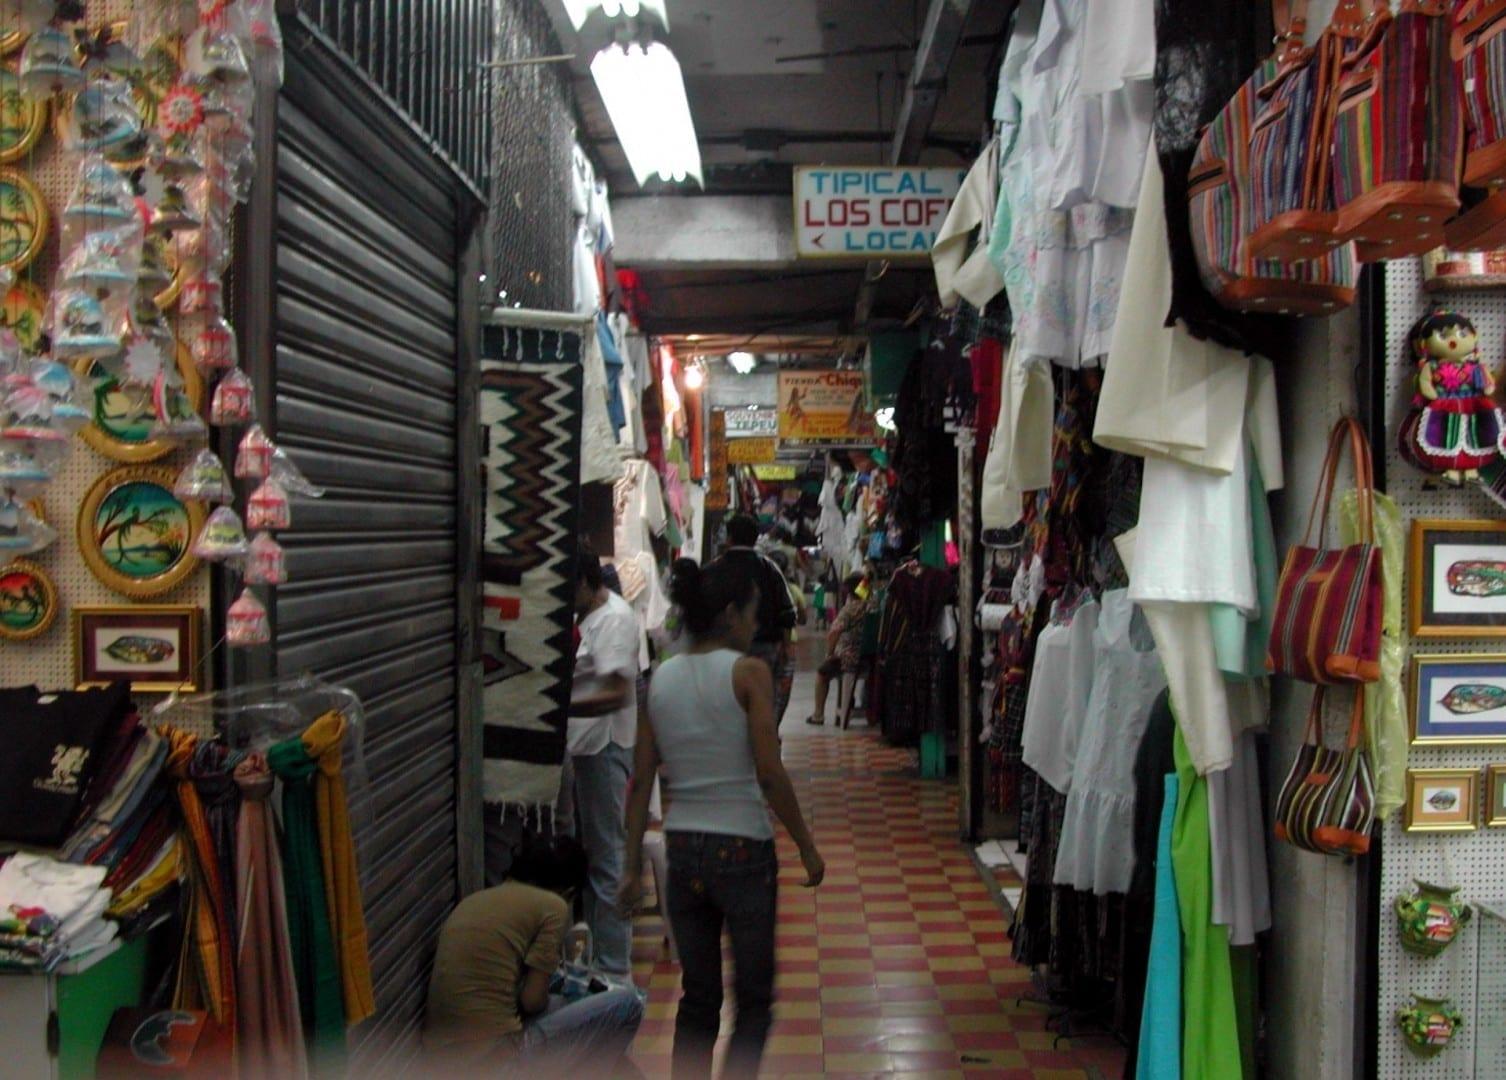 Mercado de souvenirs. Ciudad de Guatemala Guatemala